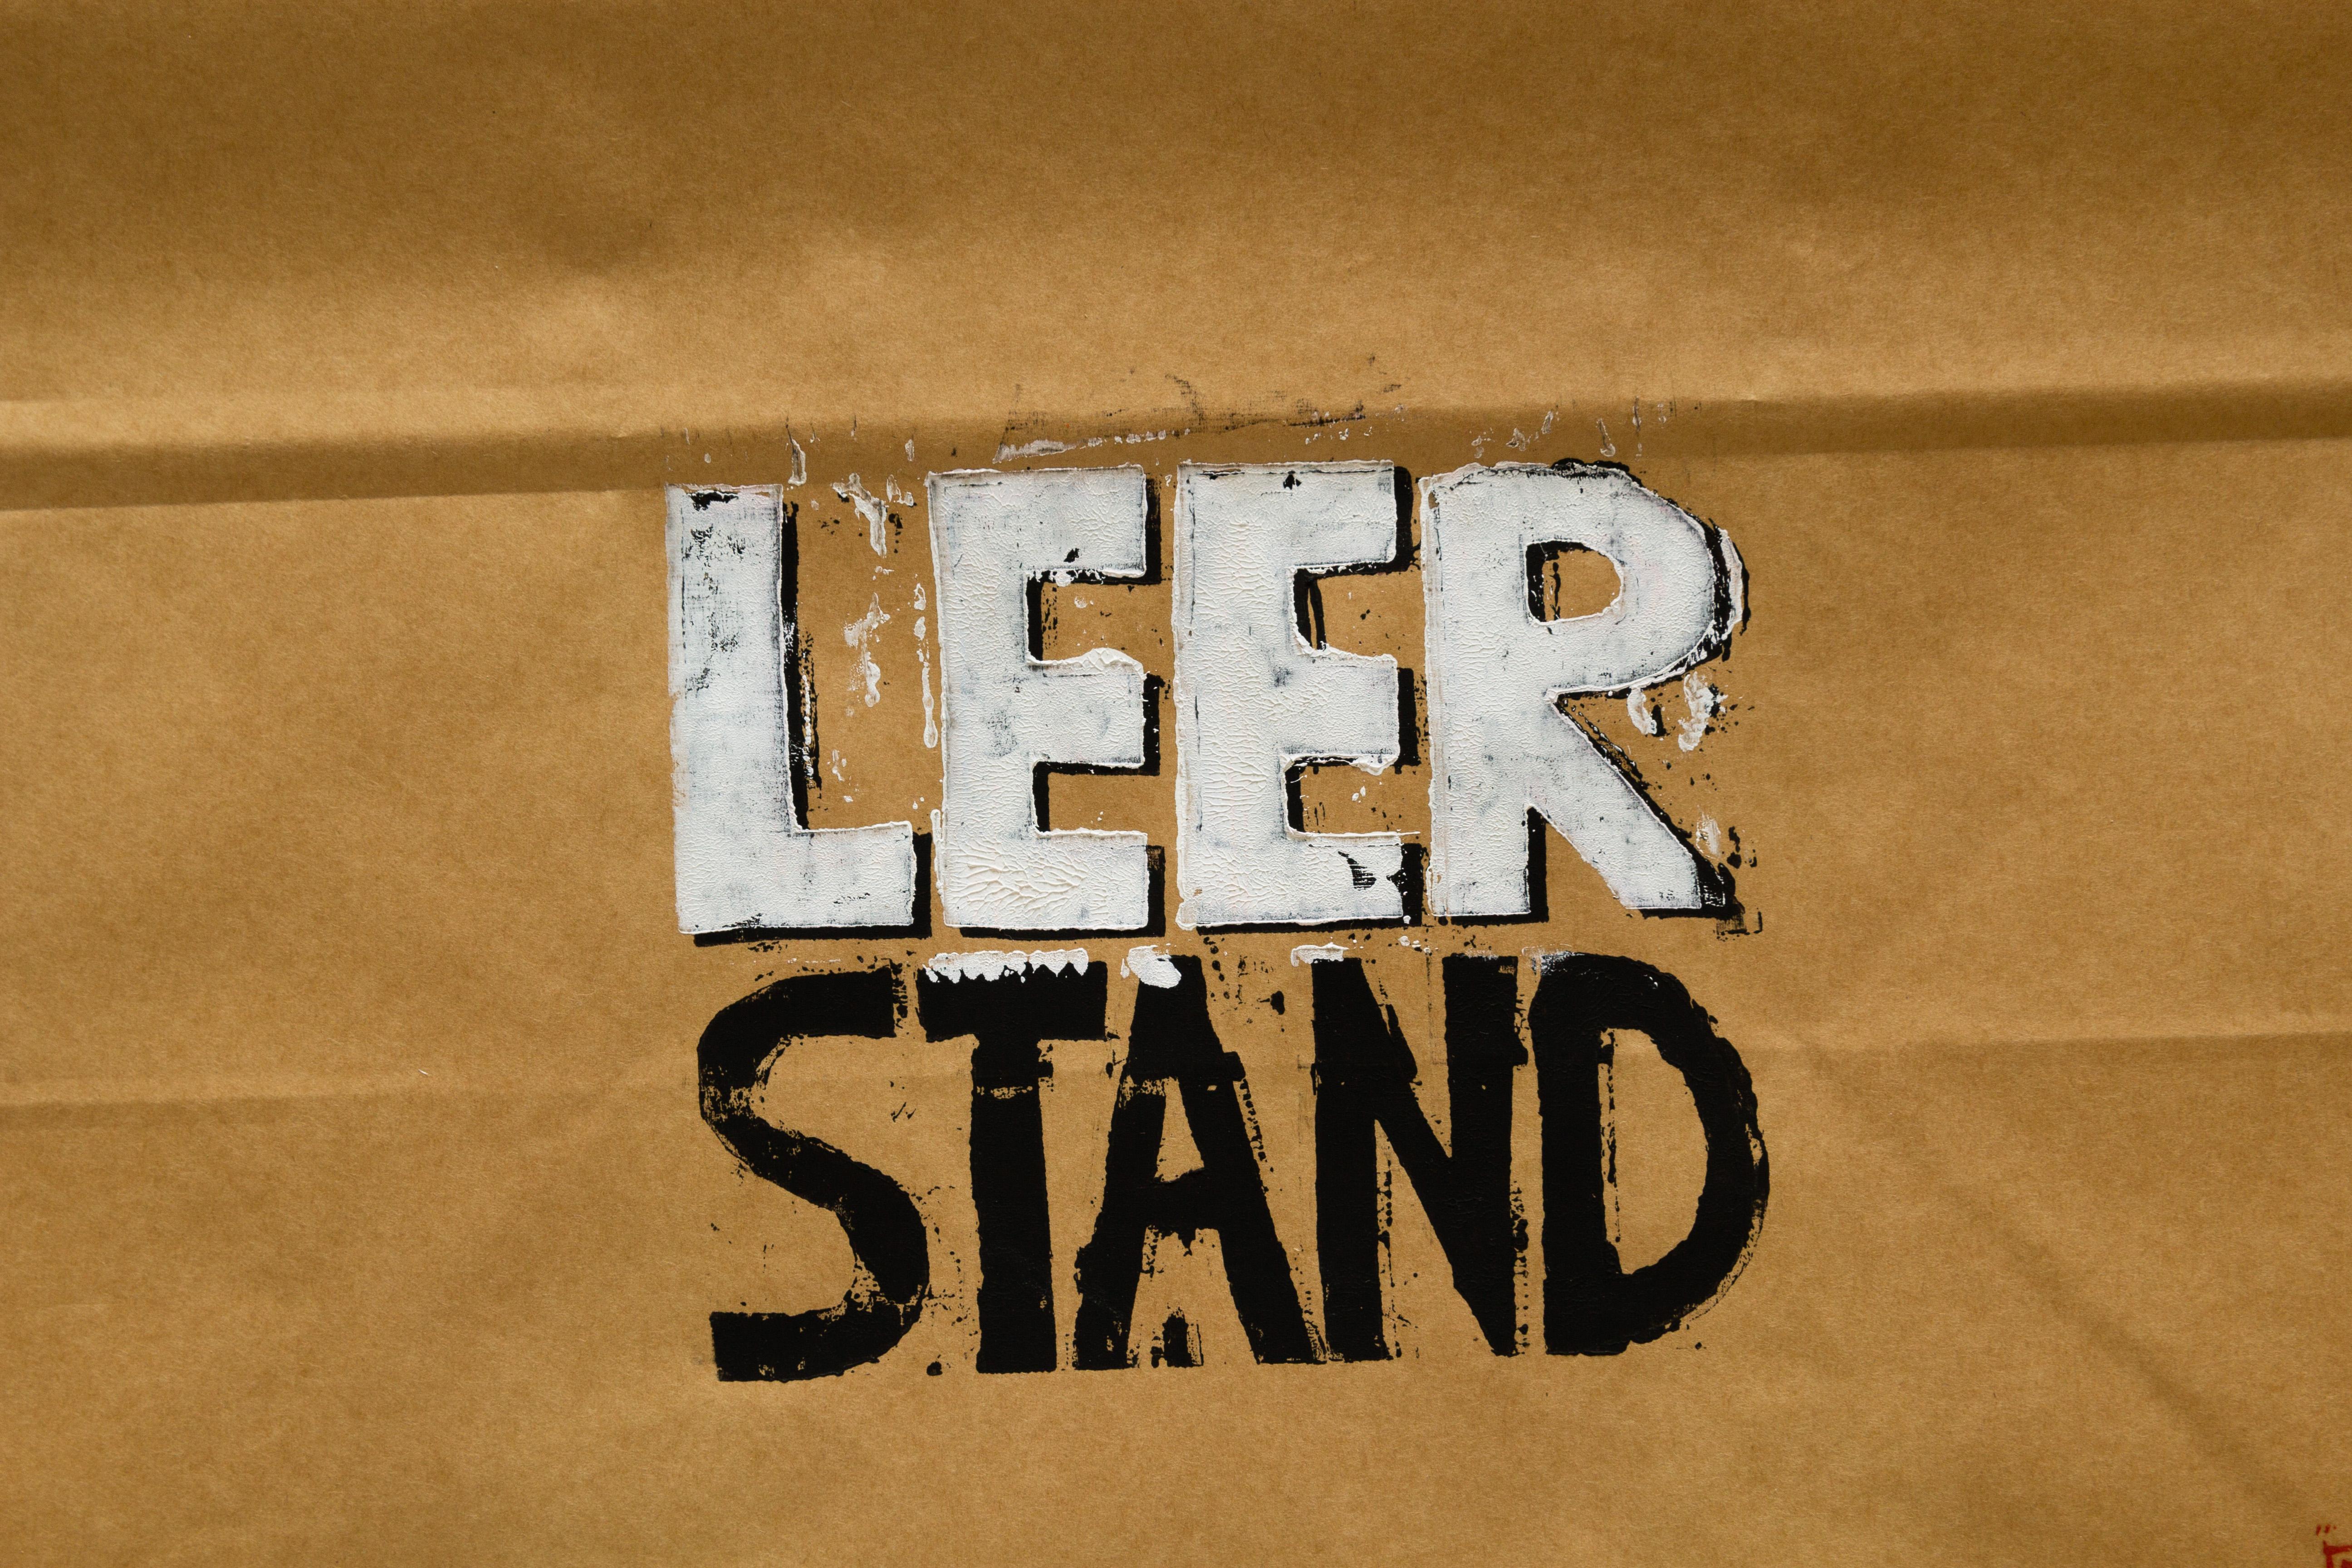 Leerstand, Pop-Up Store, Bergedorf, Hamburg, Geschäfte, Ladengeschäft, Leerstand, Kunstprojekt, News, Nachrichten, Altstadt